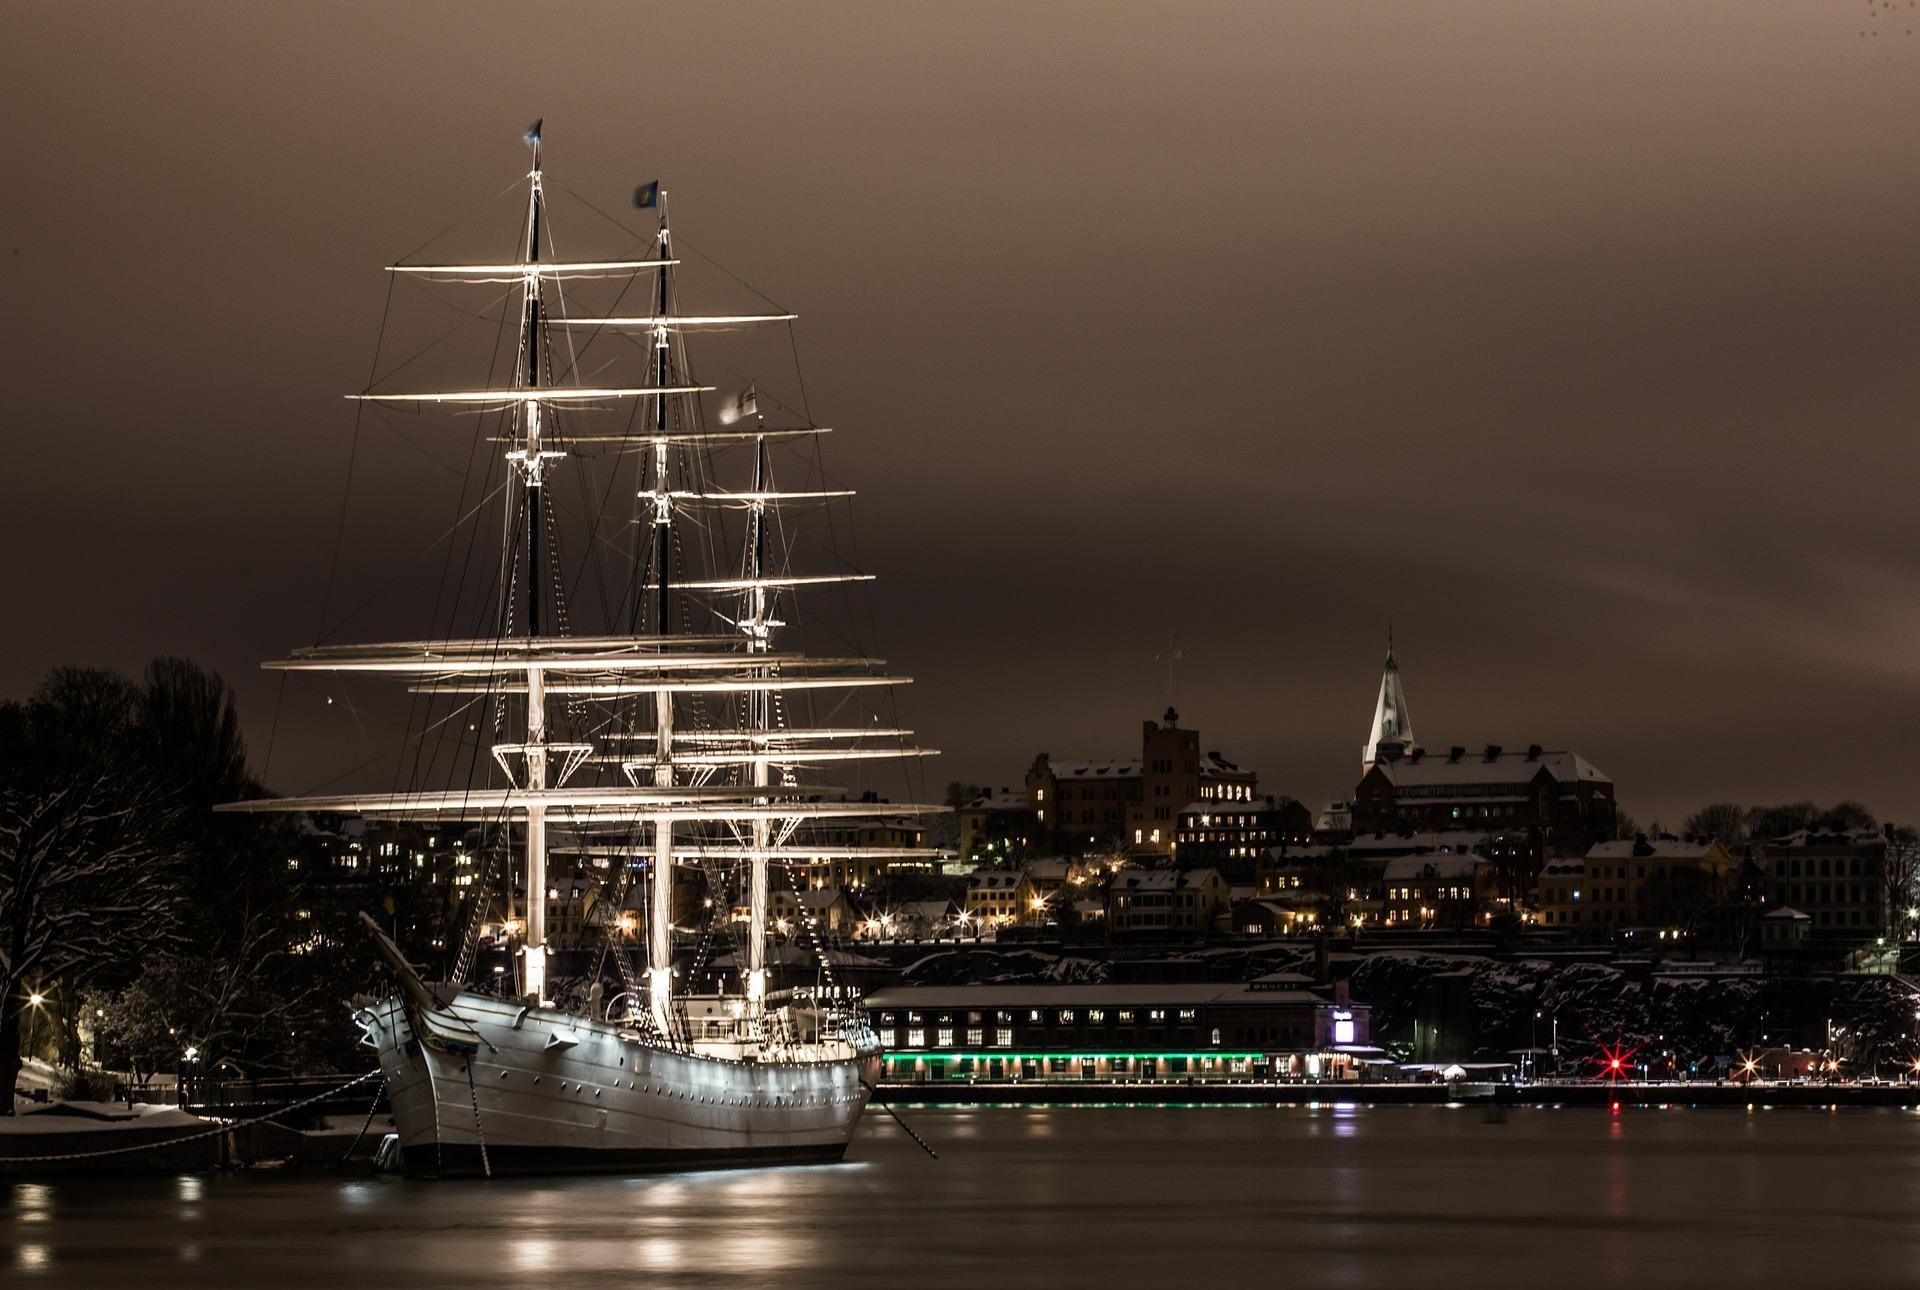 лодка, ночь, Стокгольм, Обзор, Порт - Обои HD - Профессор falken.com